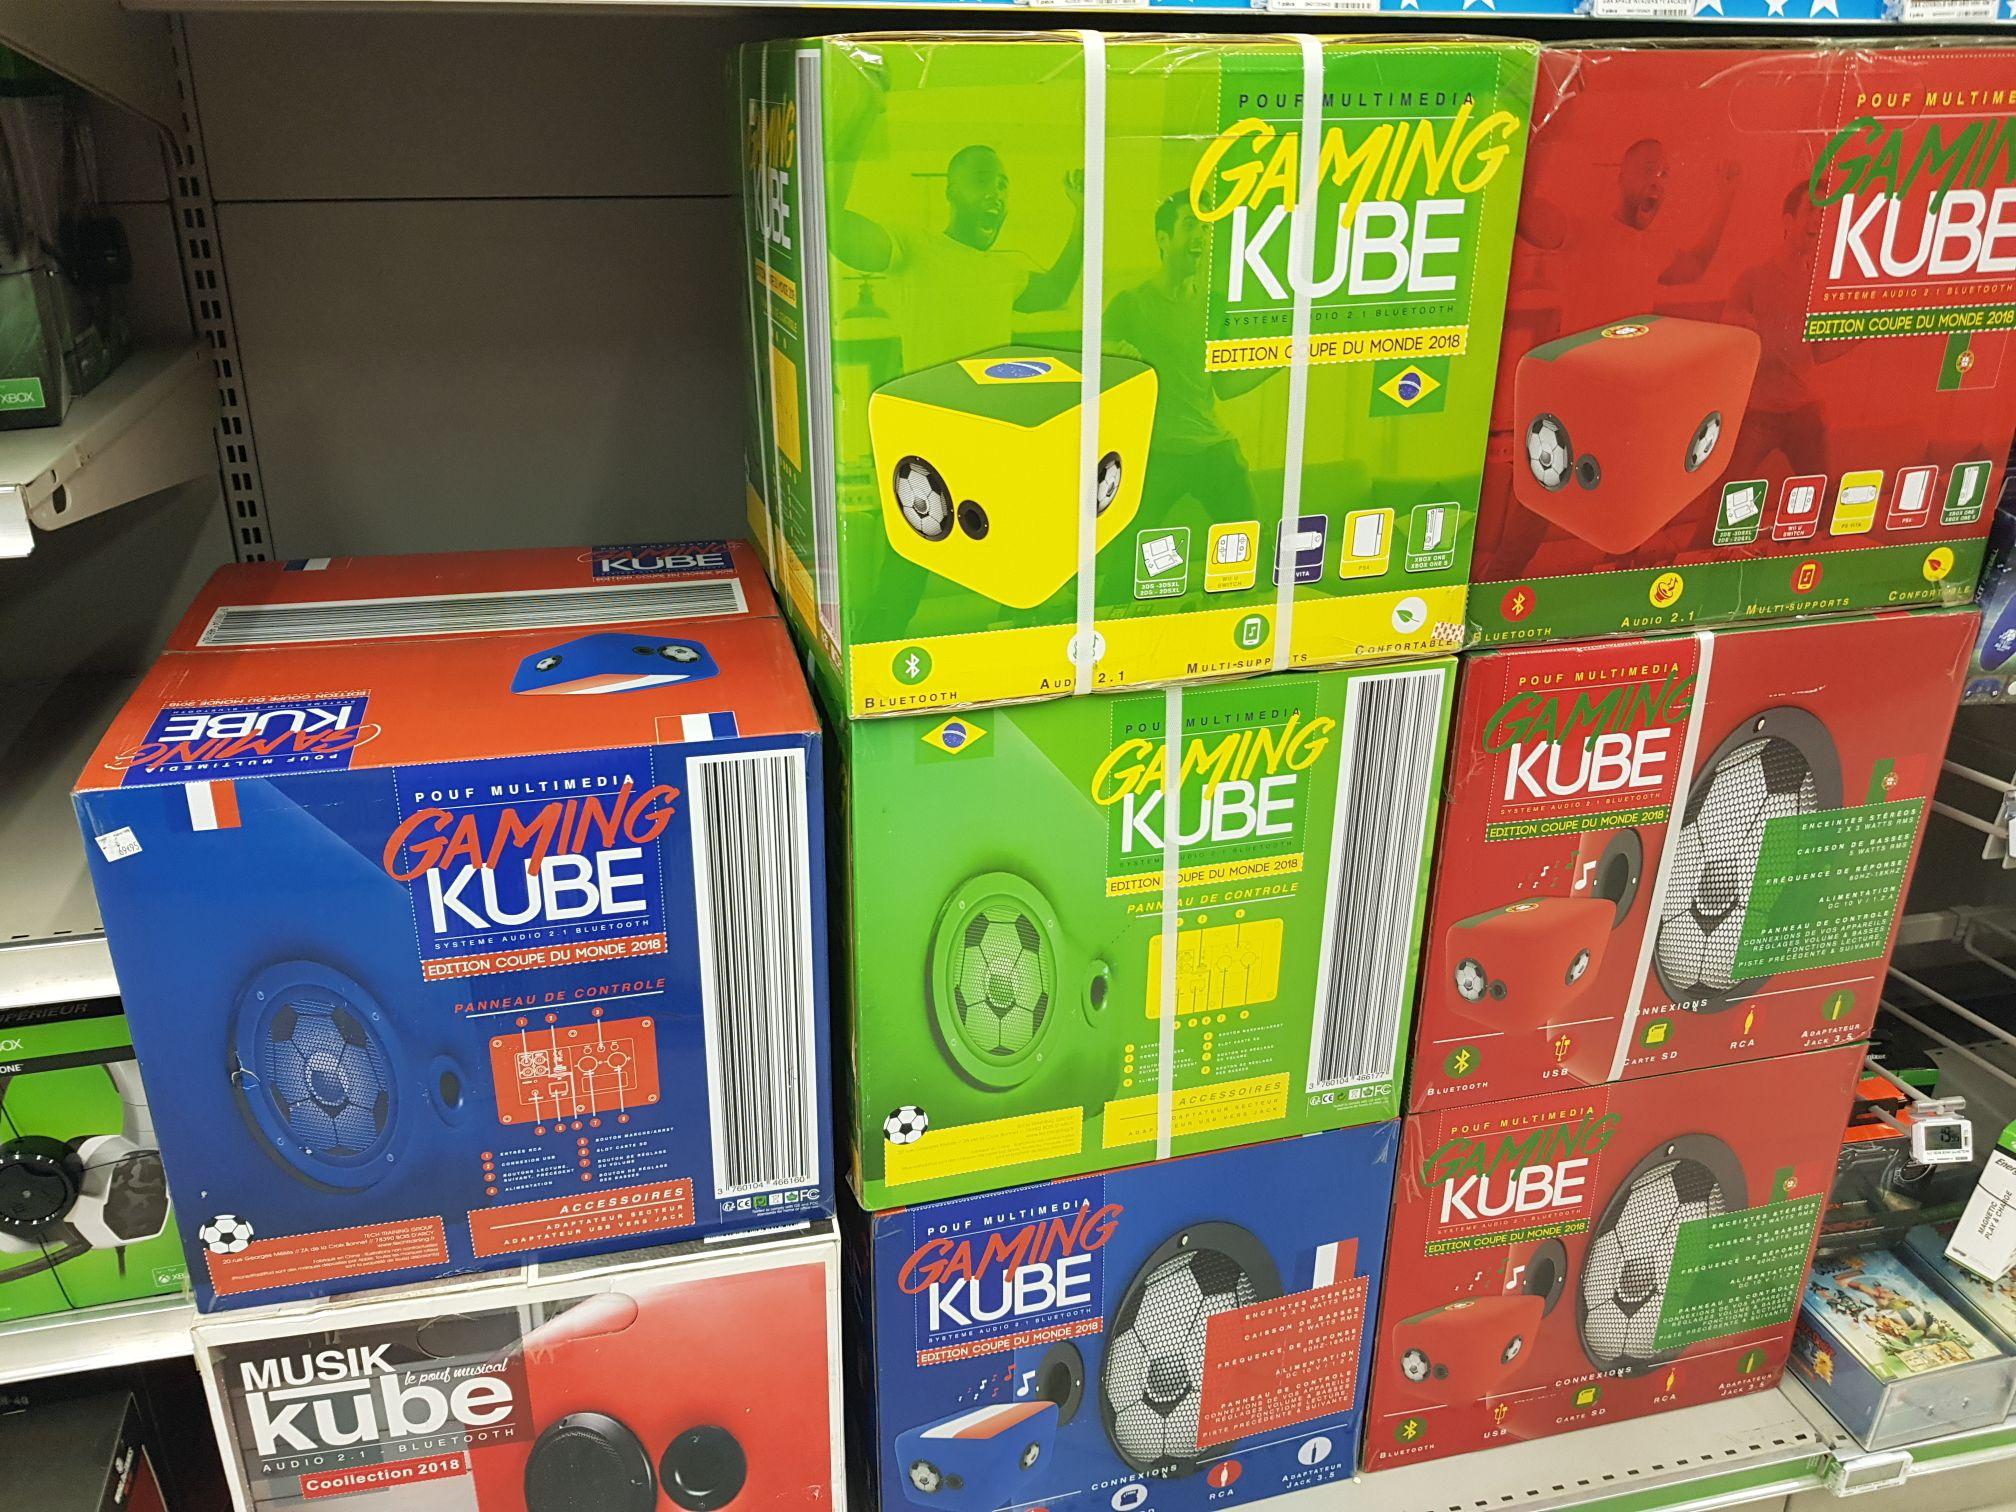 Pouf musical Musik kube - Carrefour carré sénart -via 34.97€ fidélité)